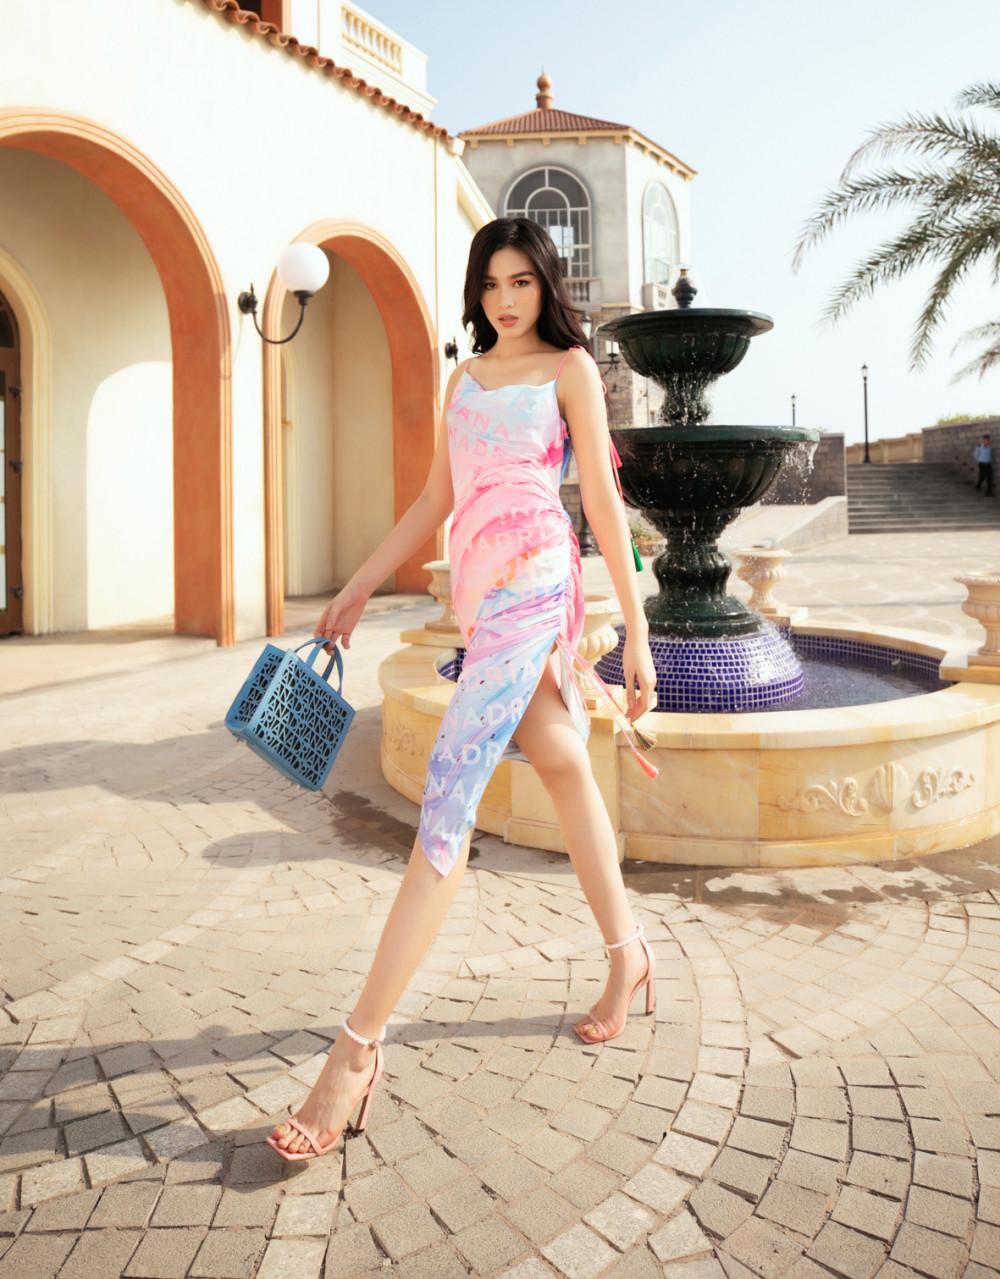 Chiều 20/3, show thời trang Fashion Voyage diễn ra tại Phú Quốc với sự tham gia của NTK Adrian Anh Tuấn, Lê Thanh Hoà... Trong đó, NTK Adrian Anh tuấn giới